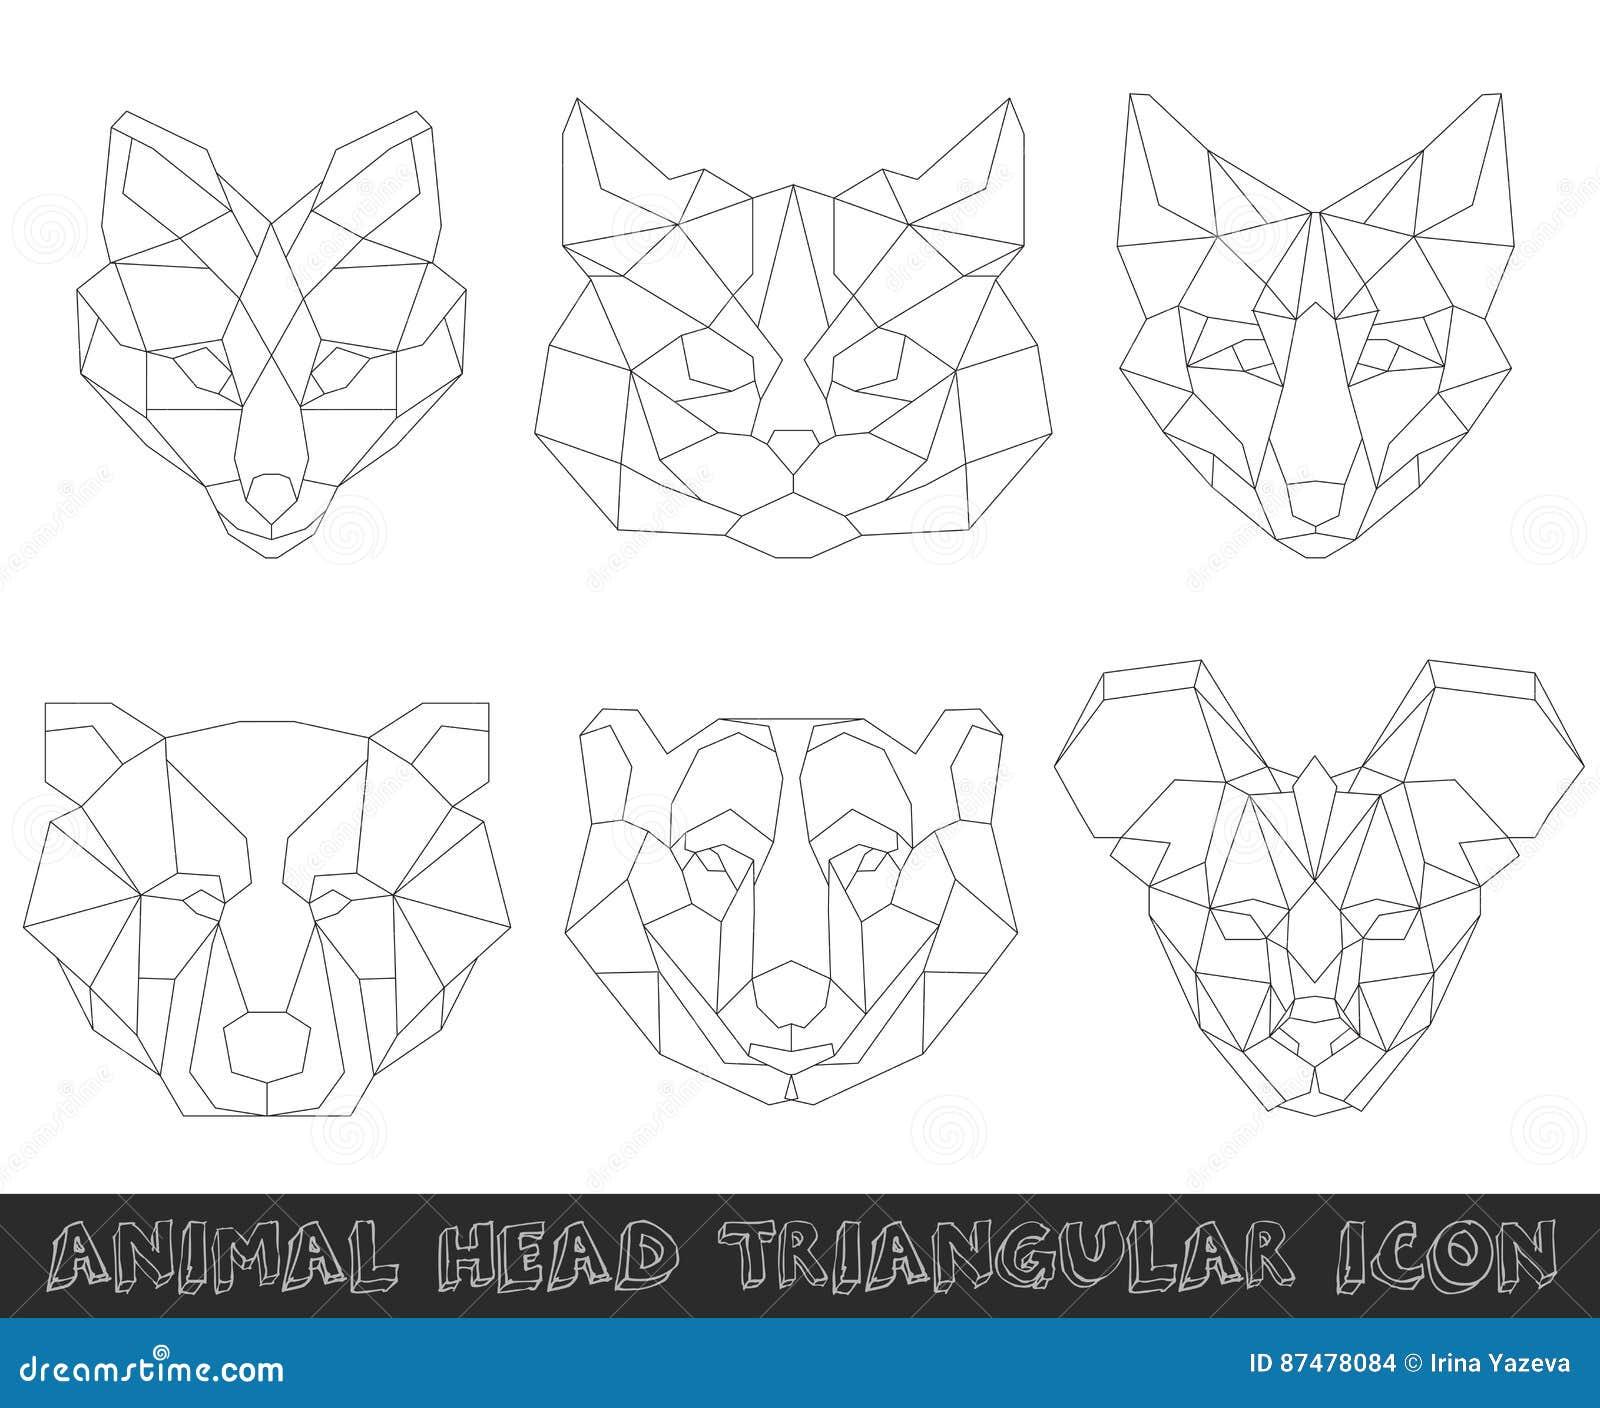 Животная головная триангулярная значок-геометрическая линия дизайн